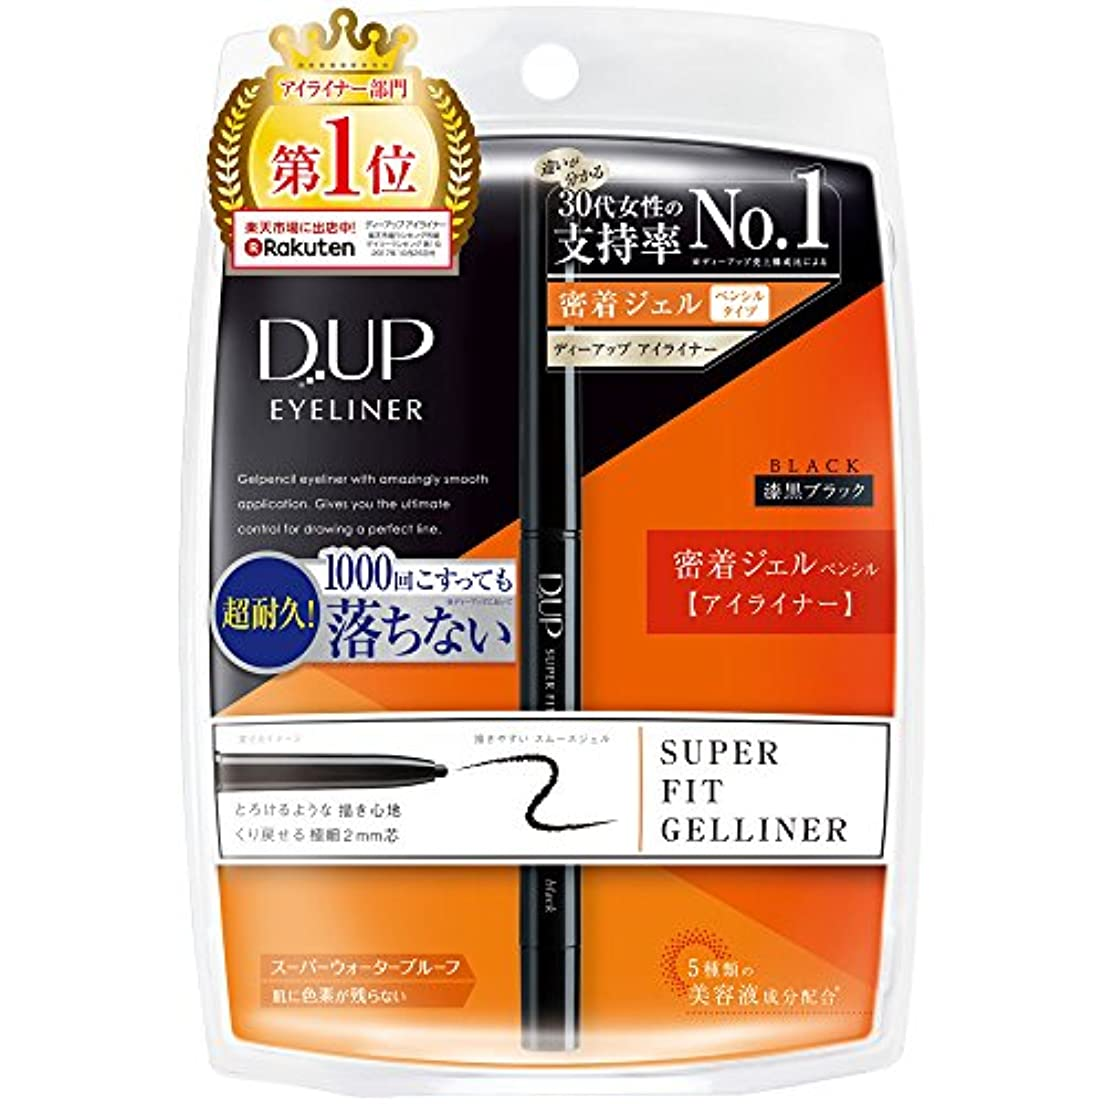 素敵な無効本部D-UP スーパーフィット ジェルライナー ブラック